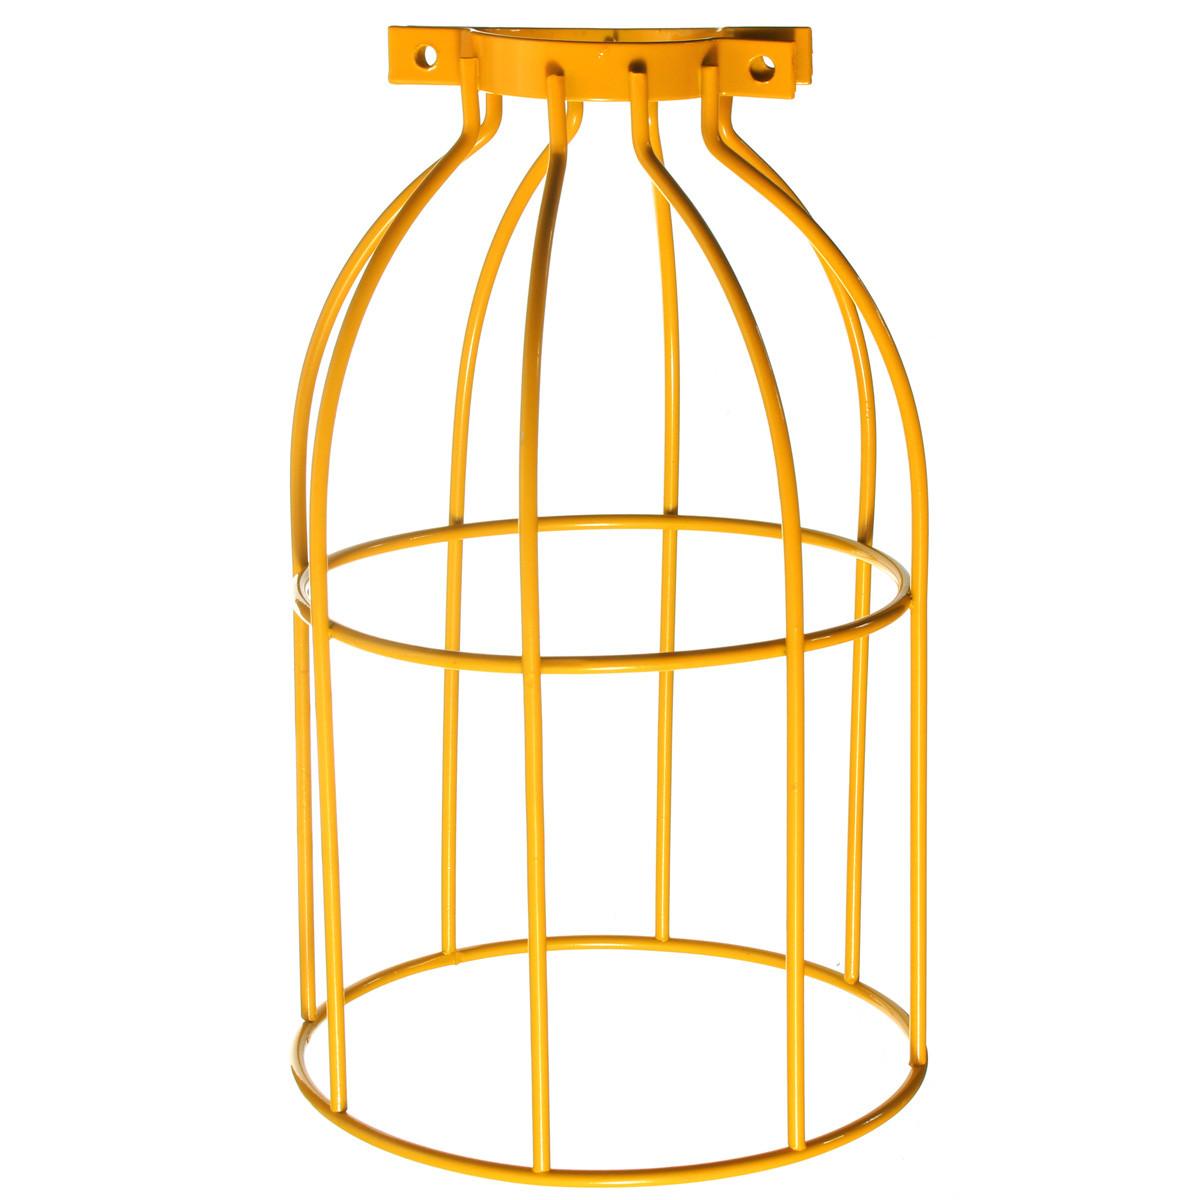 Vintage-E27-Ampoule-Abat-jour-Garde-Metal-Pendant-Lampe-Cage-Plafond-Decoration